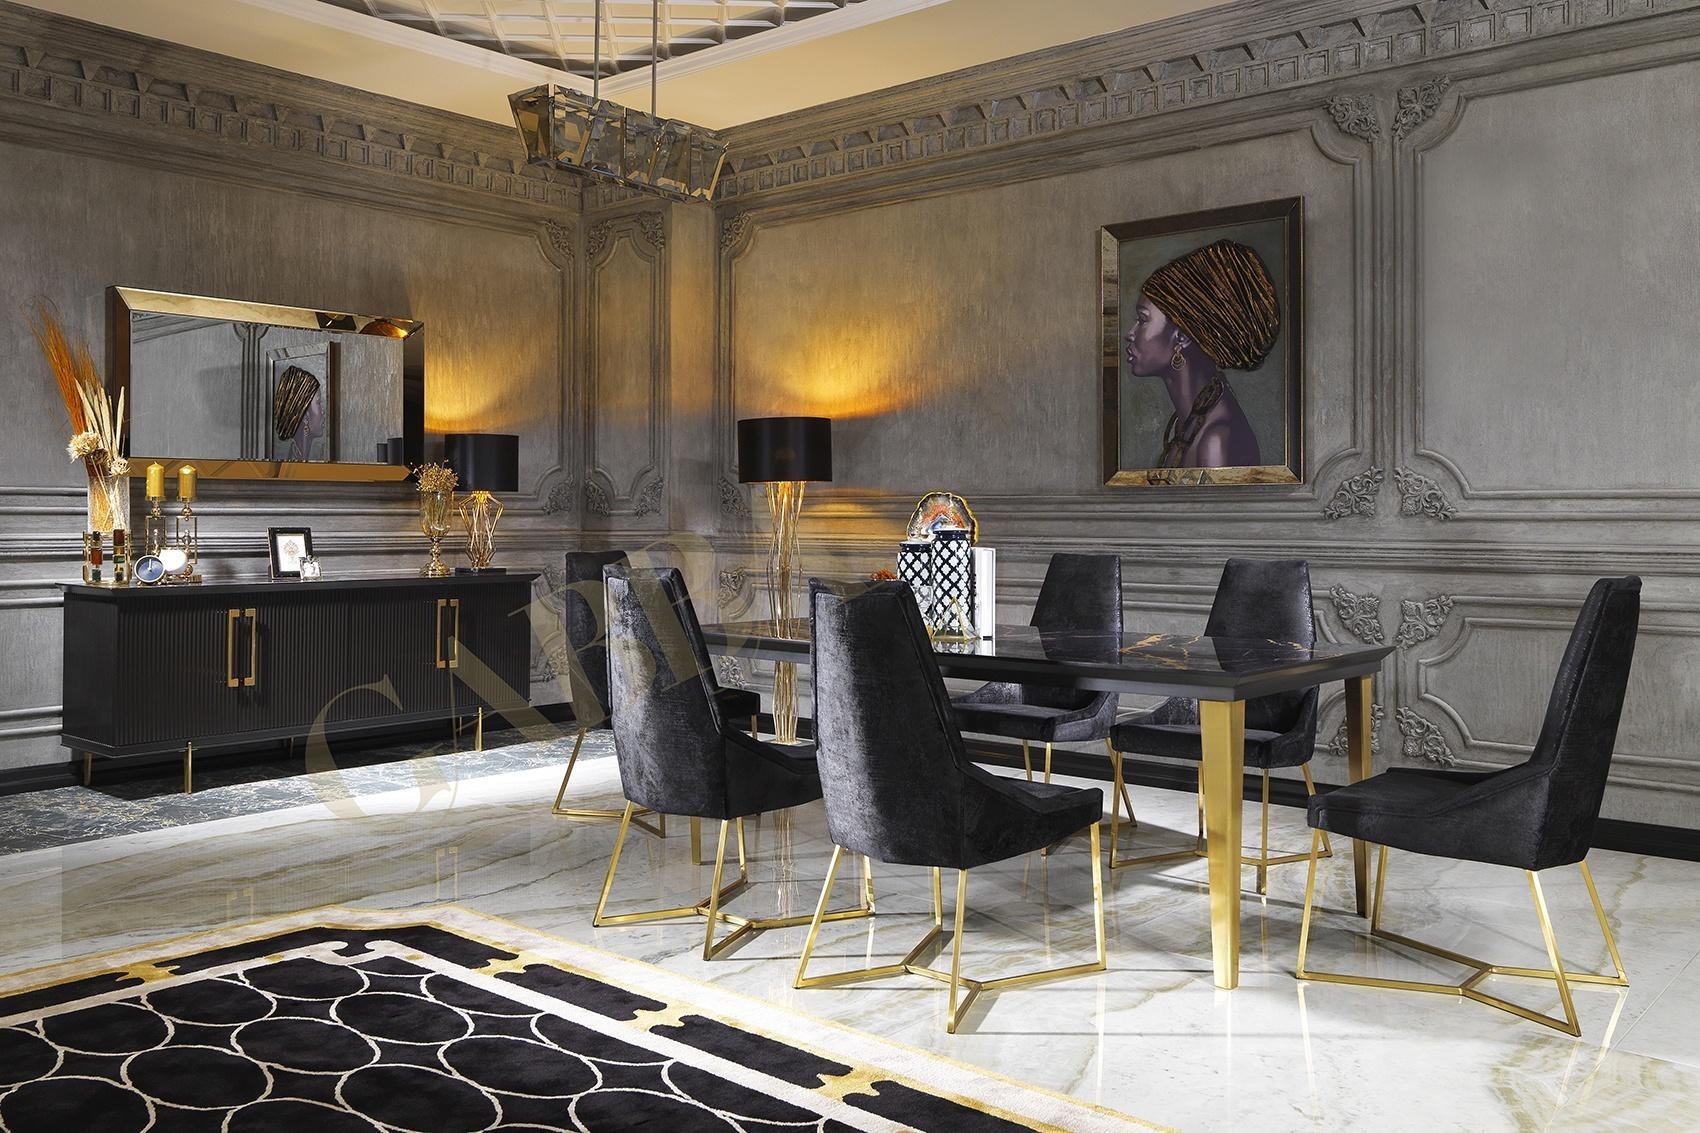 Woonkamer Ideeen Klassiek.Cavalli Black Klassiek Chique Stijl Modern Interieur Hoogglans